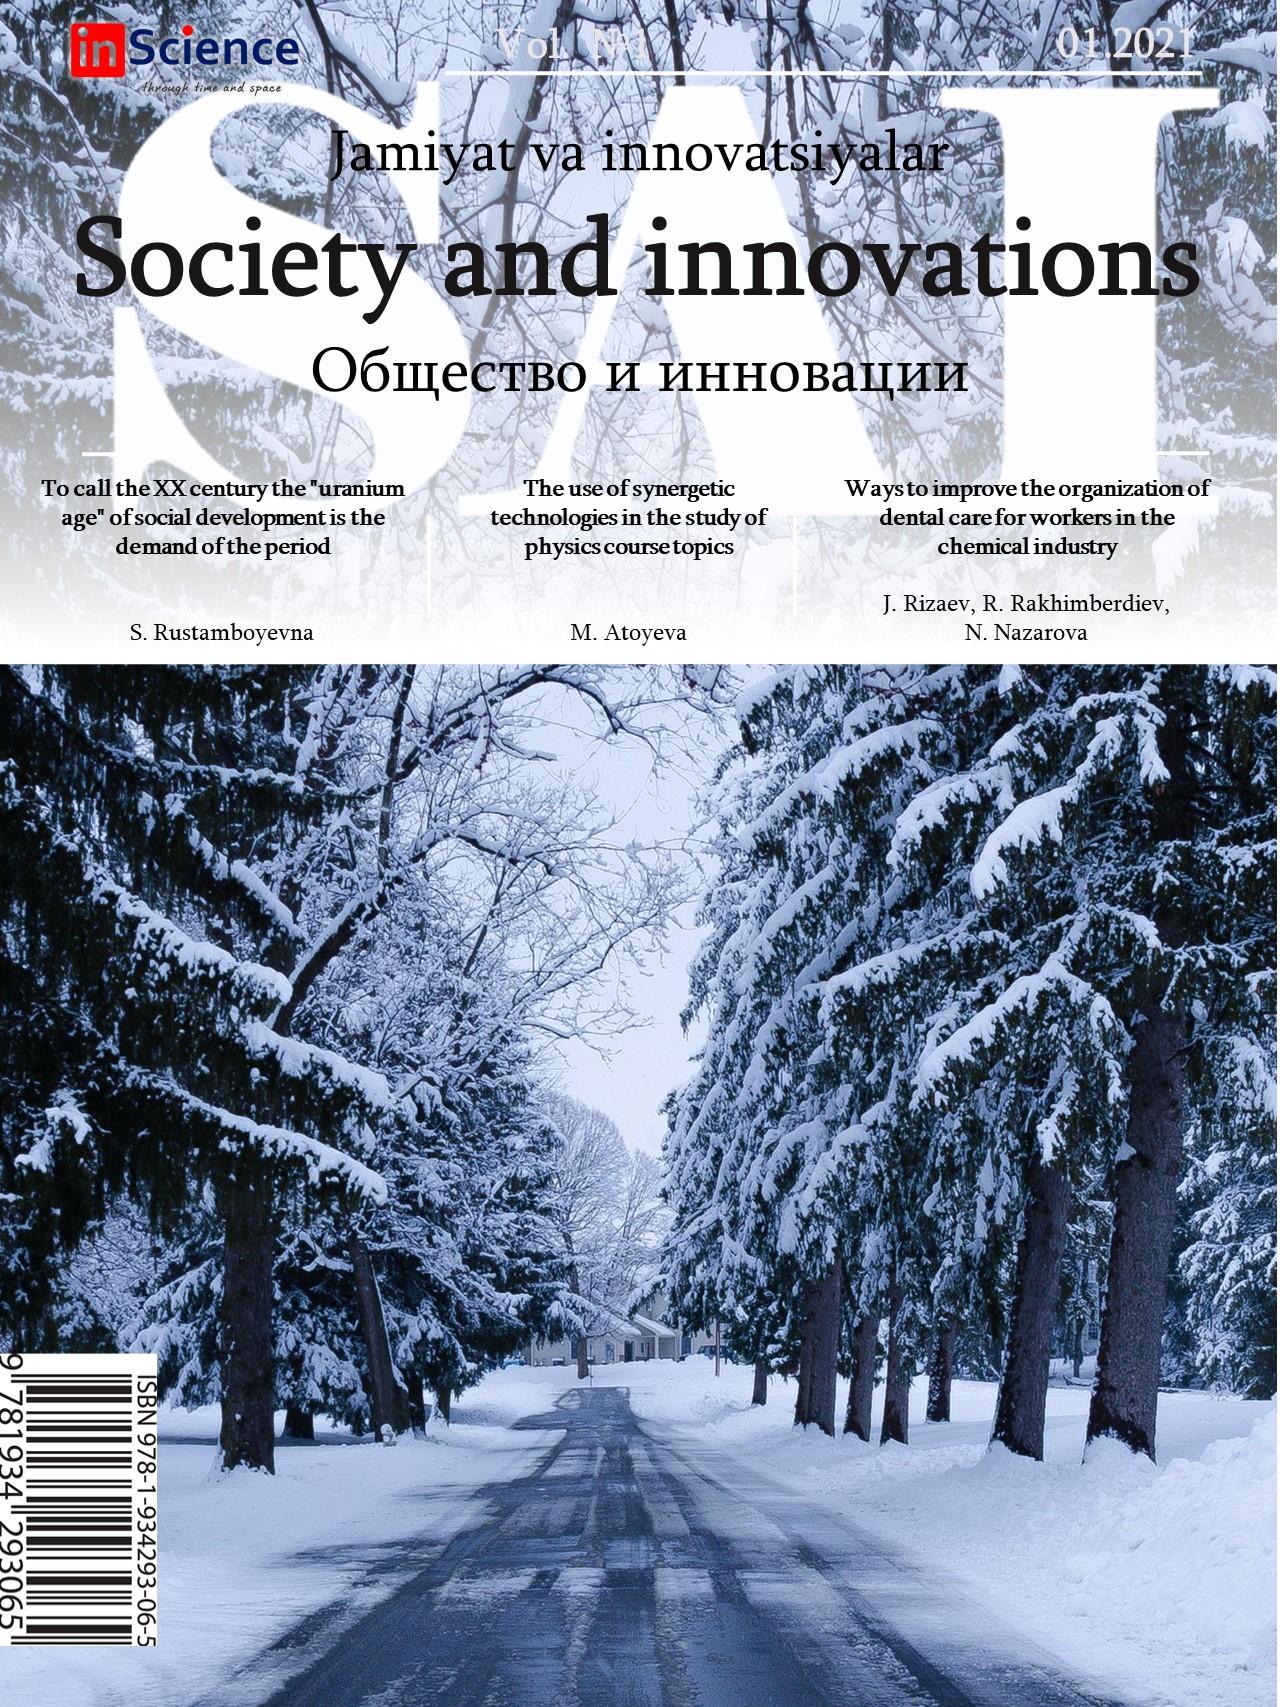 Показать Выпуск 2 № 1 (2021): Междисциплинарный научный журнал «Общество и инновации»